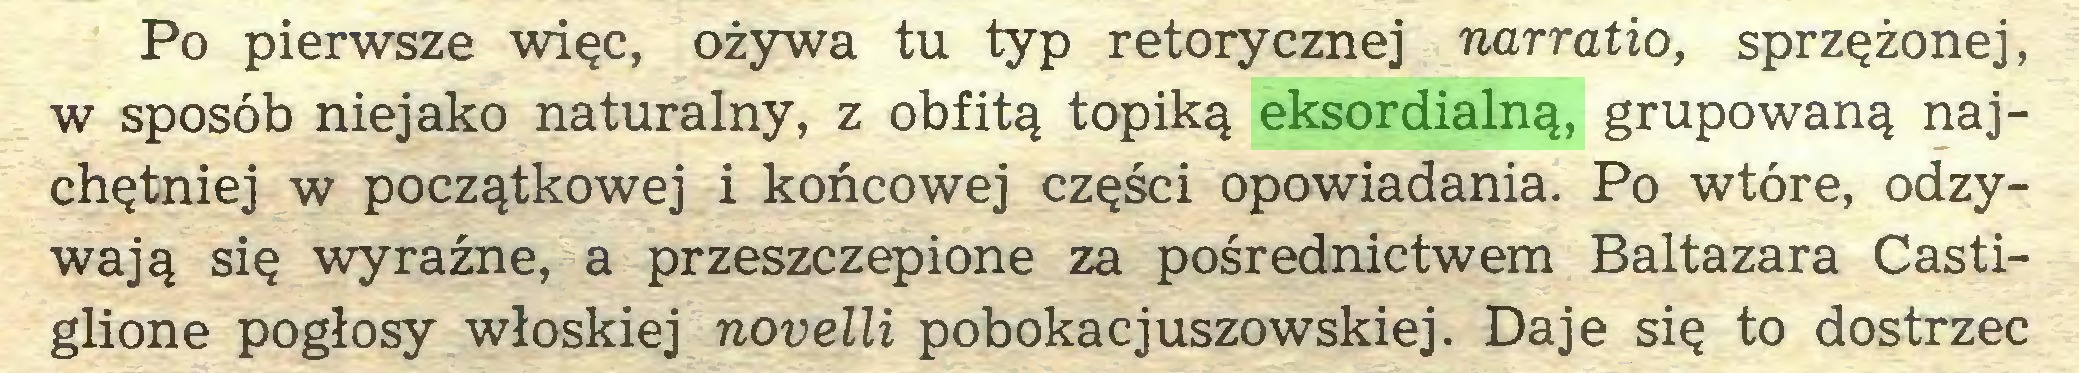 (...) Po pierwsze więc, ożywa tu typ retorycznej narratio, sprzężonej, w sposób niejako naturalny, z obfitą topiką eksordialną, grupowaną najchętniej w początkowej i końcowej części opowiadania. Po wtóre, odzywają się wyraźne, a przeszczepione za pośrednictwem Baltazara Castiglione pogłosy włoskiej novelli pobokacjuszowskiej. Daje się to dostrzec...